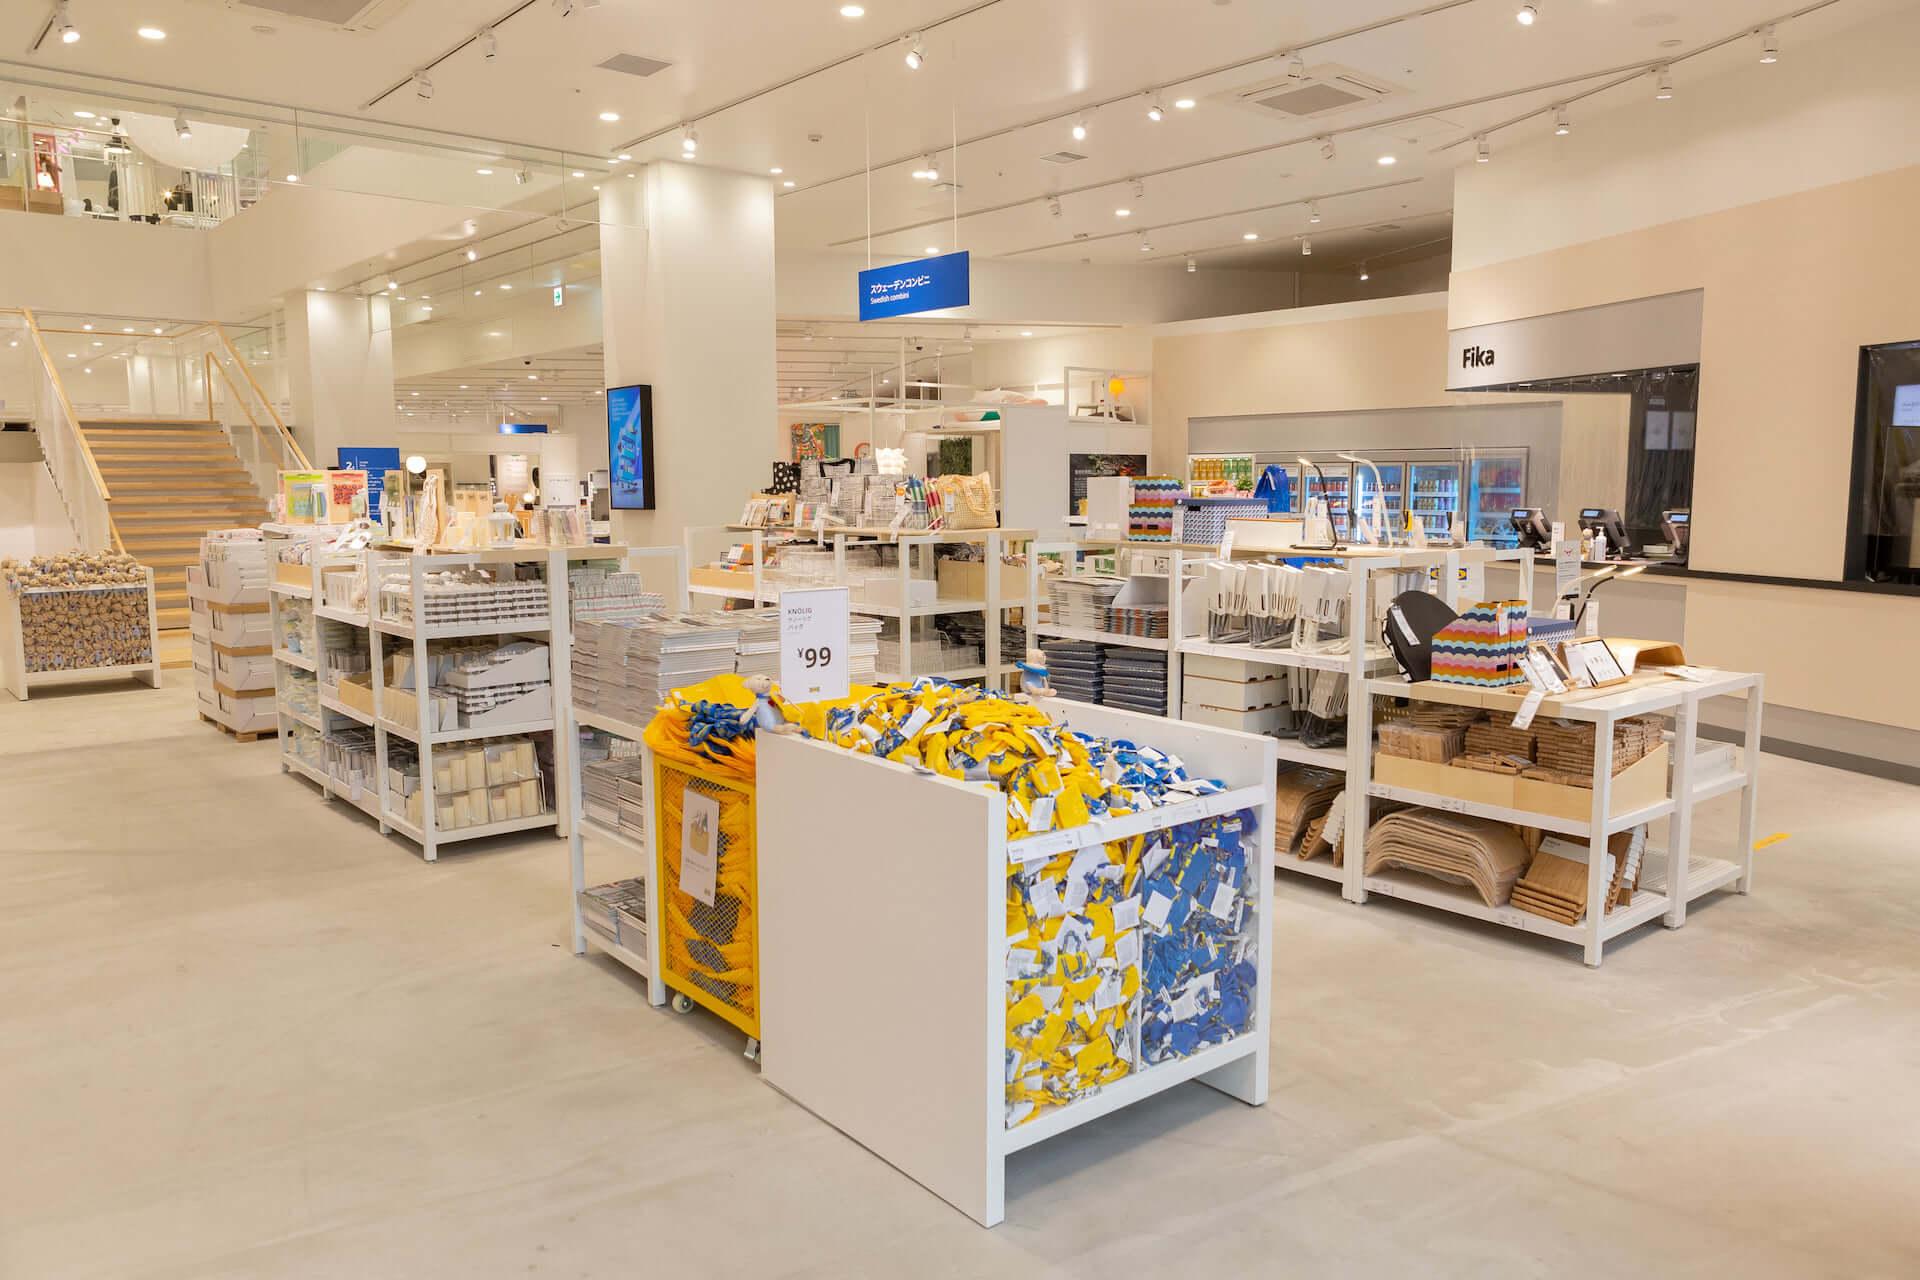 IKEAがついに原宿に登場!WITH HARAJUKUに6月8日オープン決定&内装も一部公開 lf200604_ikea_harajuku_9-1920x1280